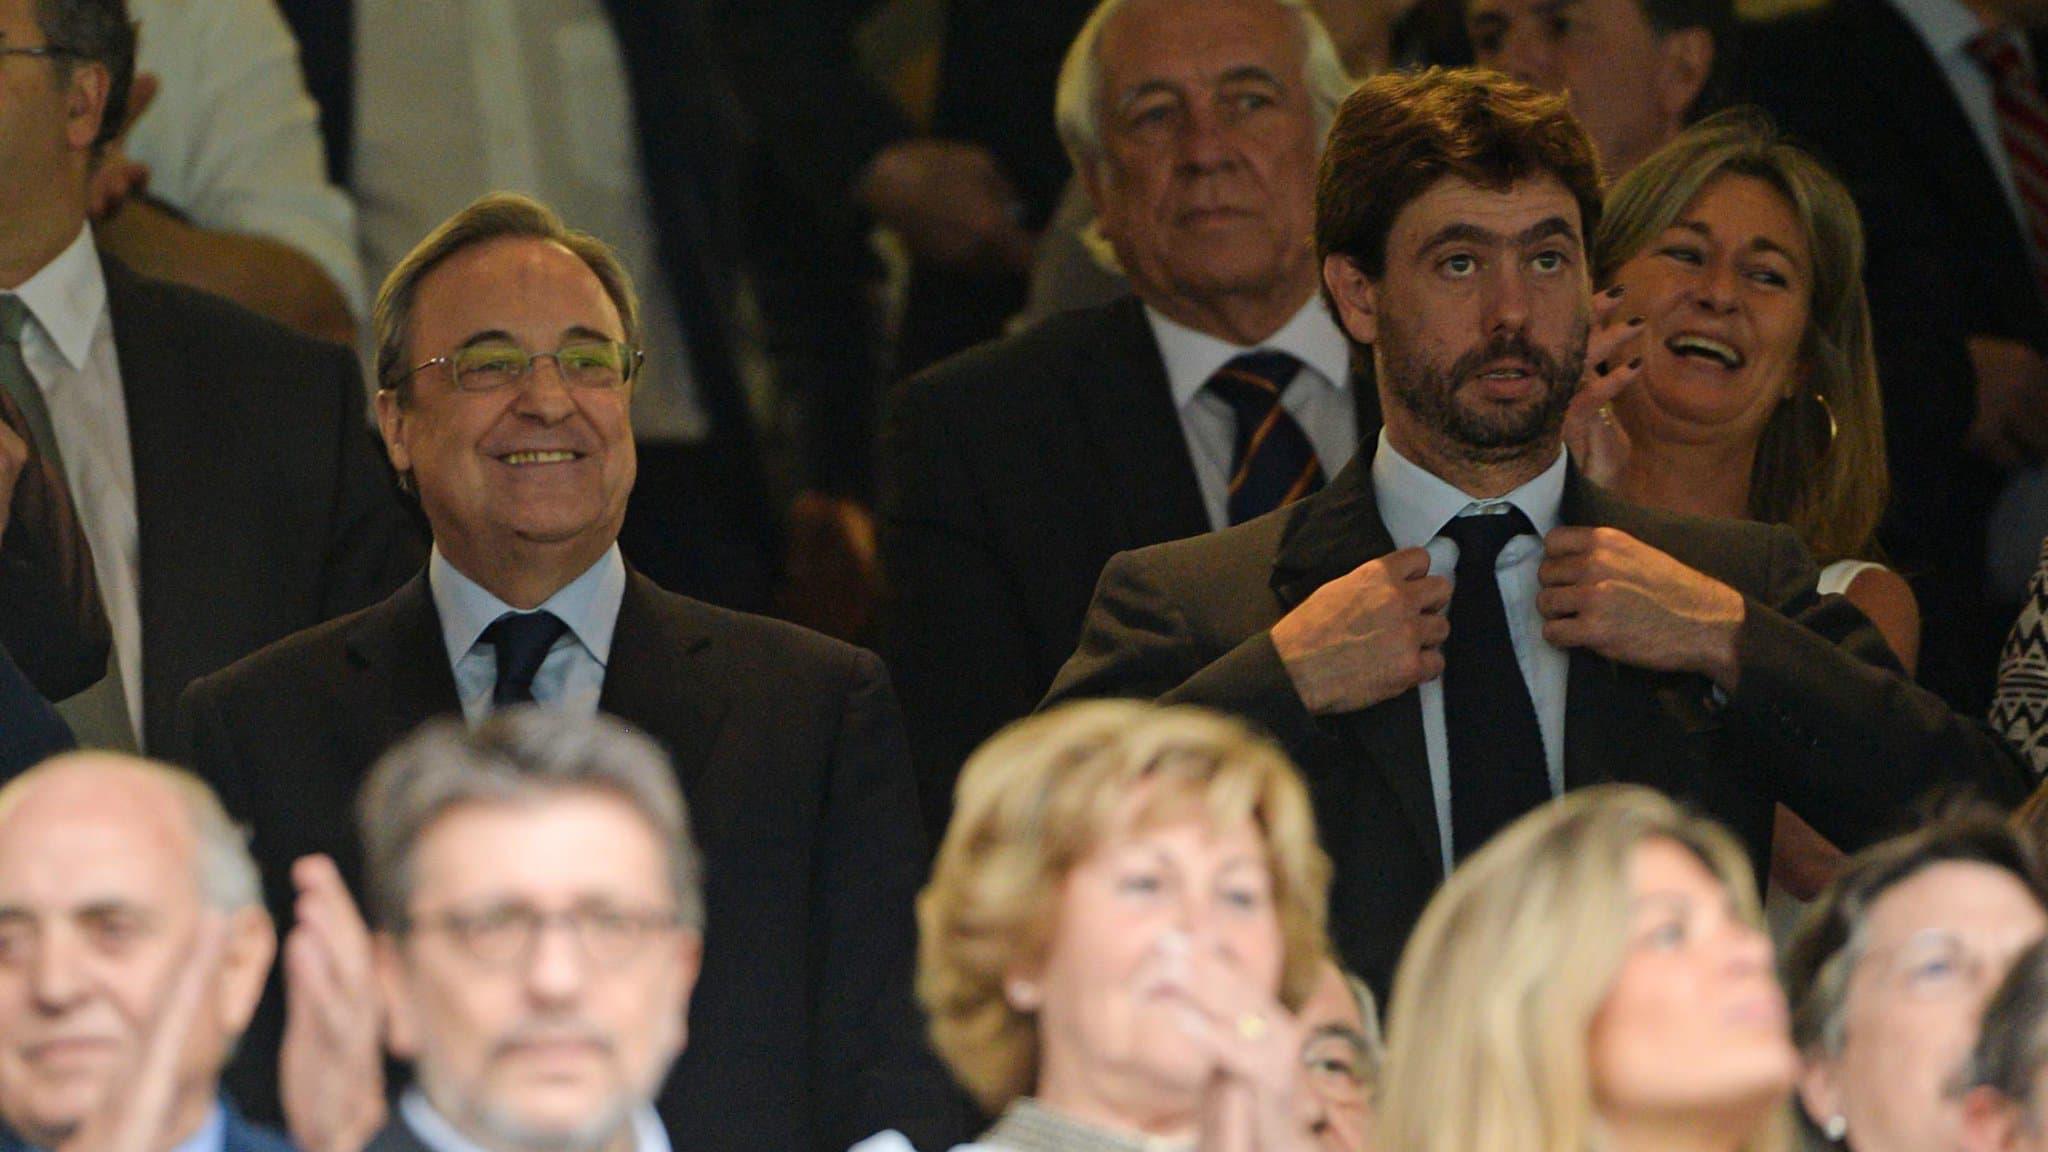 Lëvizje e madhe trajnerësh, Reali e Juventusi me fytyra të reja në sezonin e ri